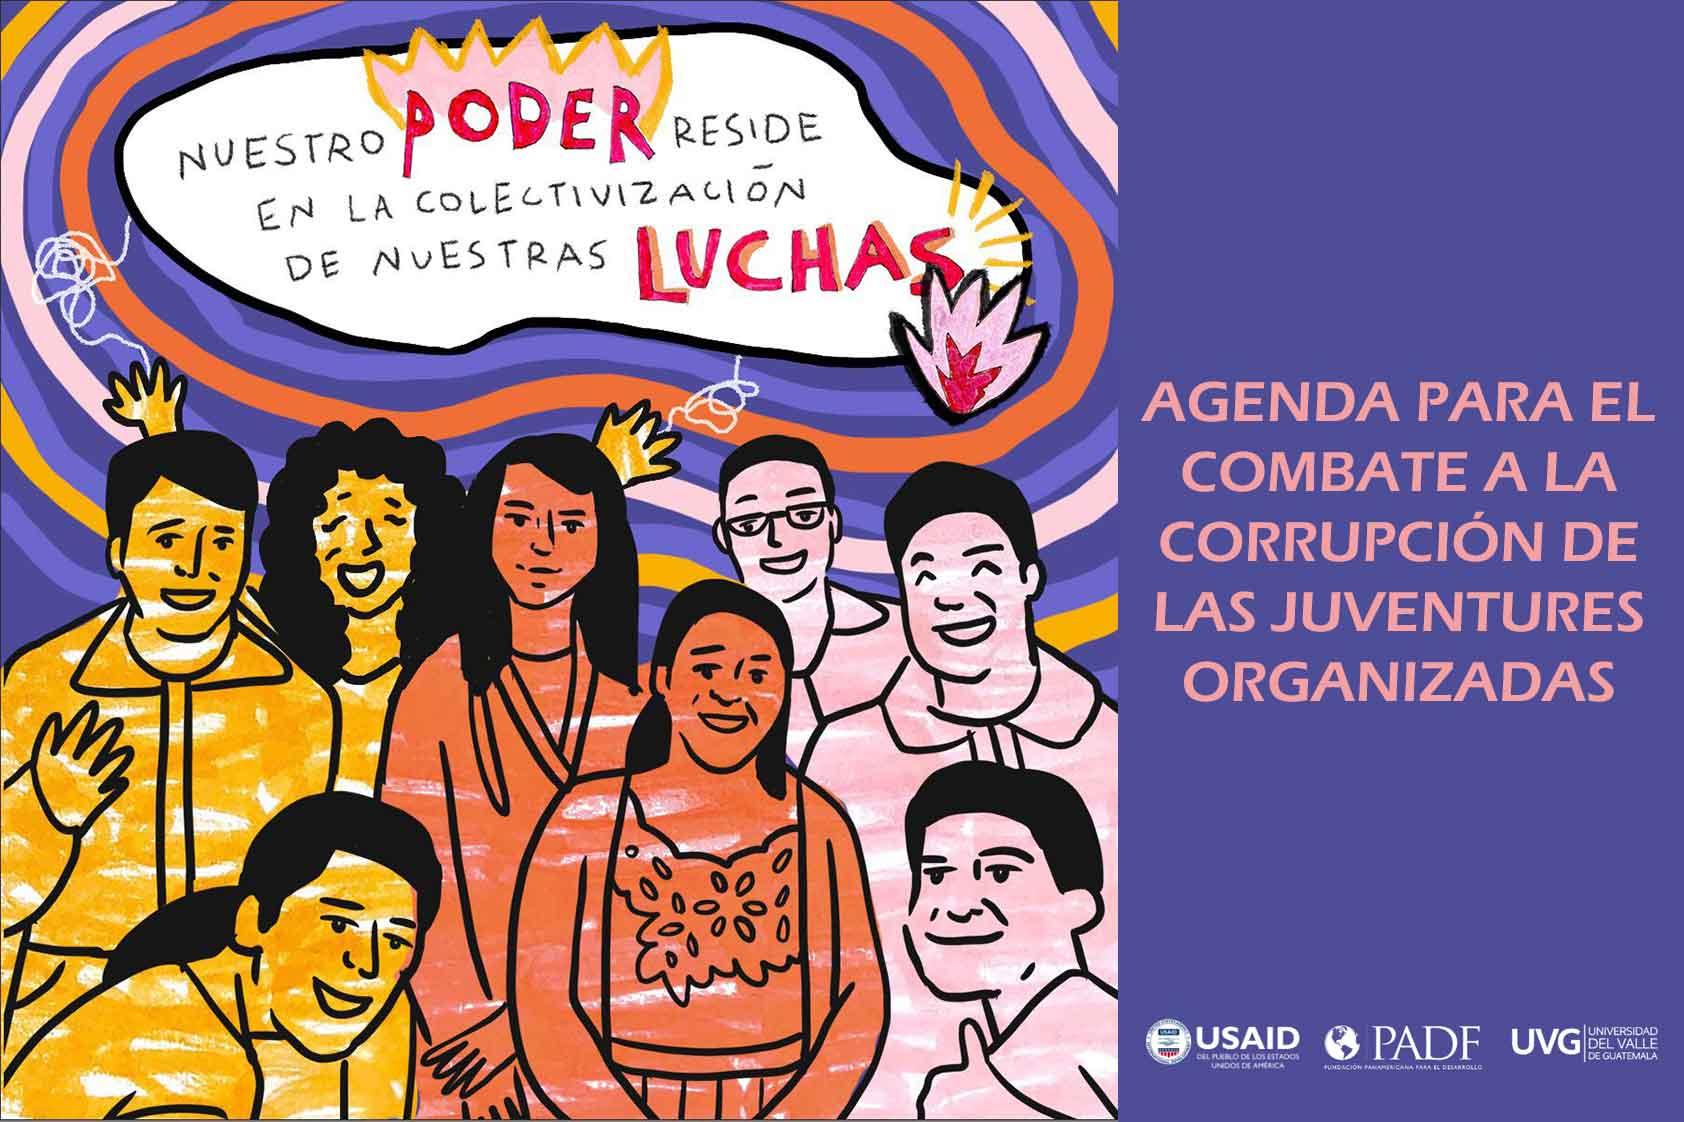 La corrupción nos preocupa a los jóvenes centroamericanos